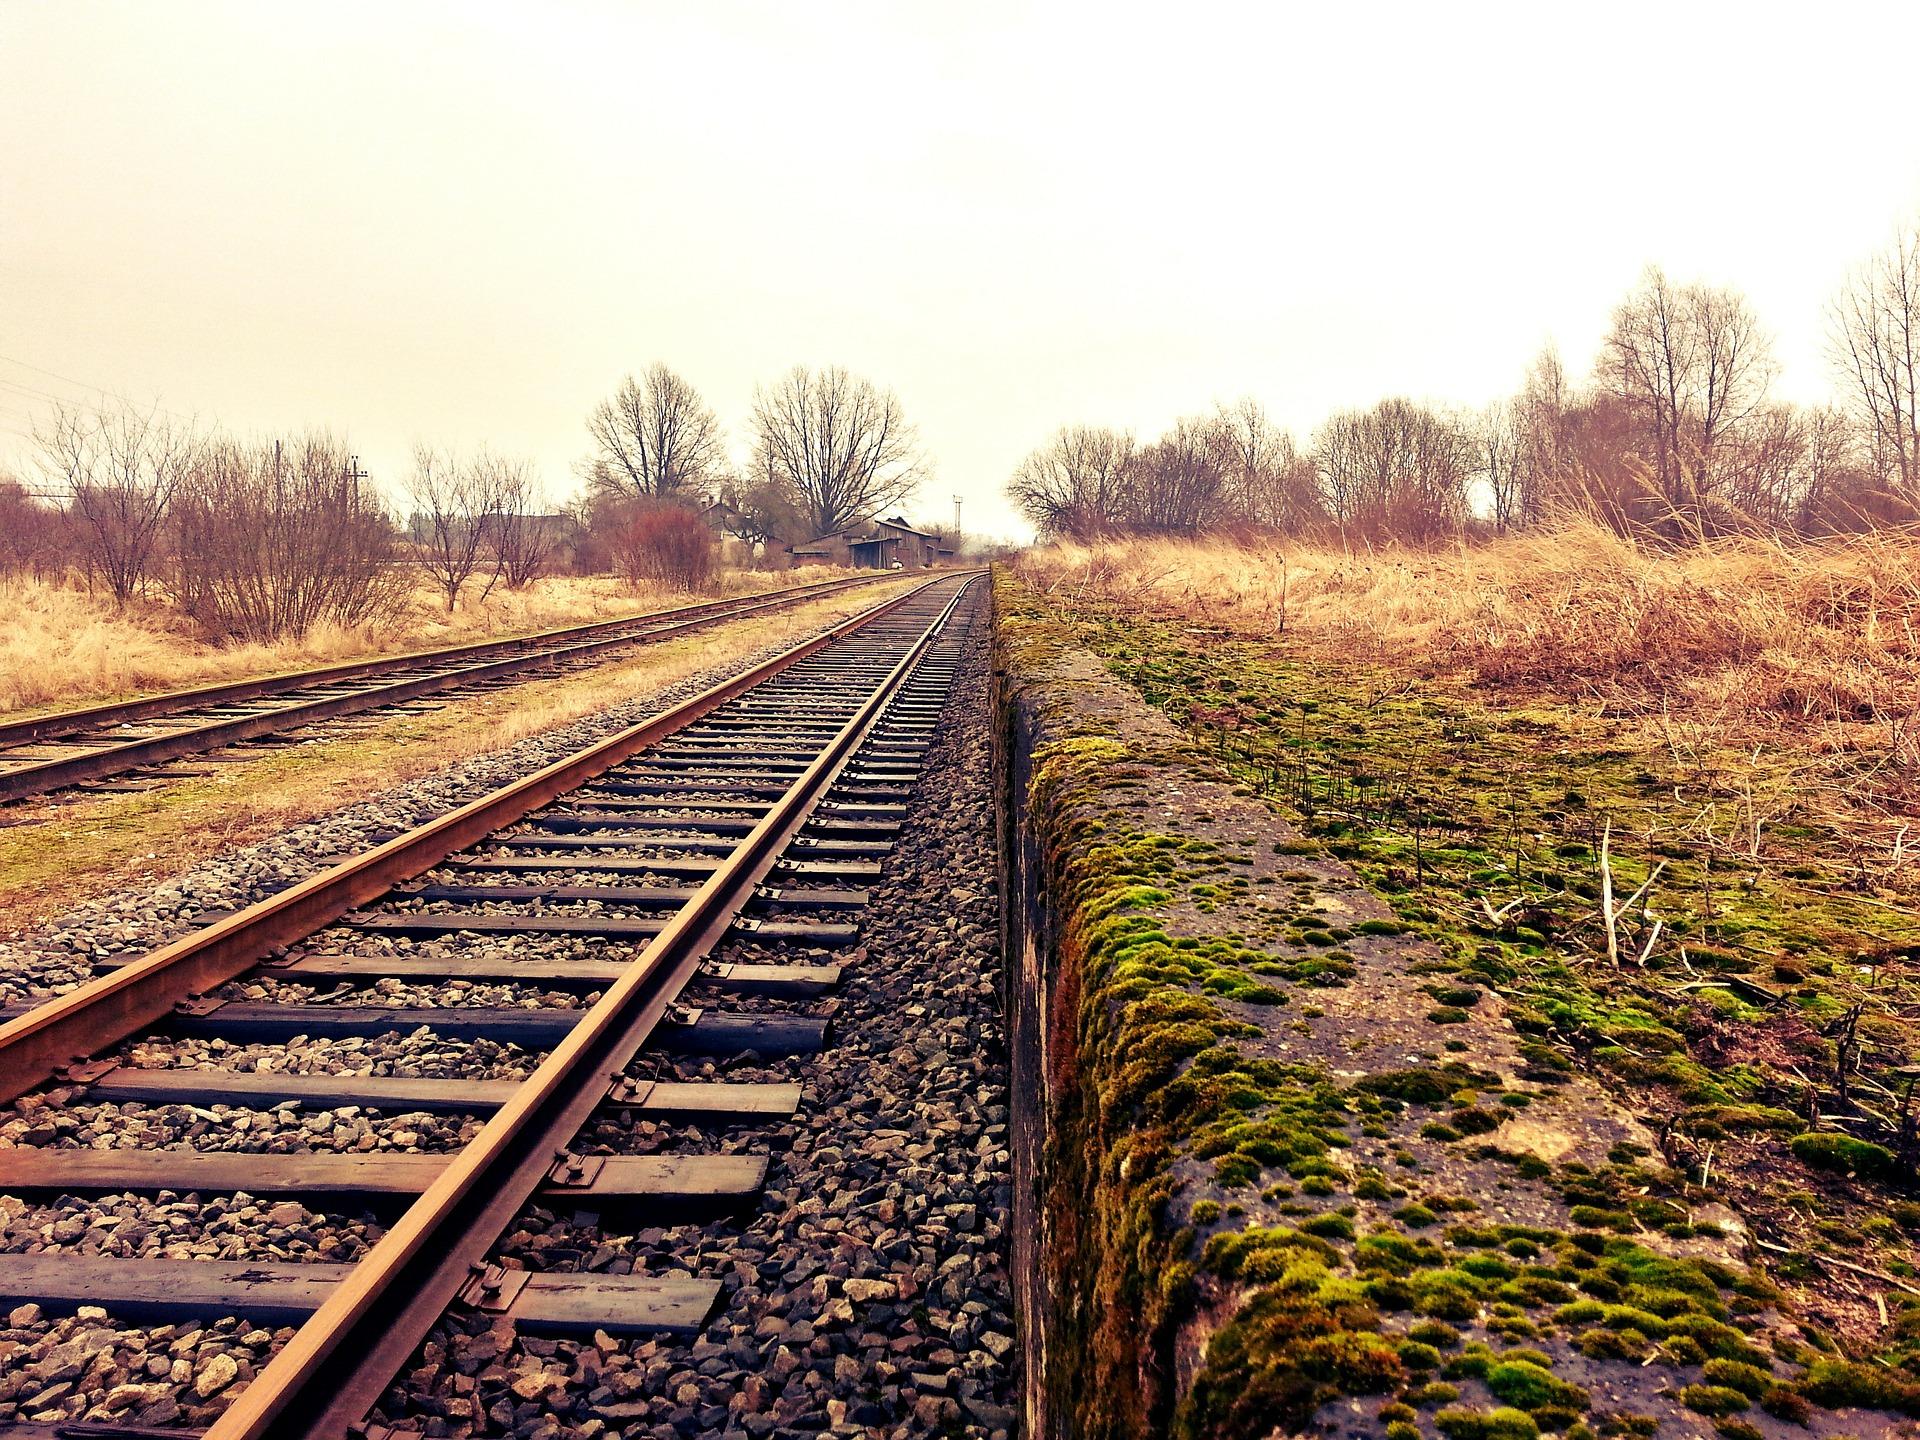 Train tracks. Photo by CodeCondo on Pixabay.